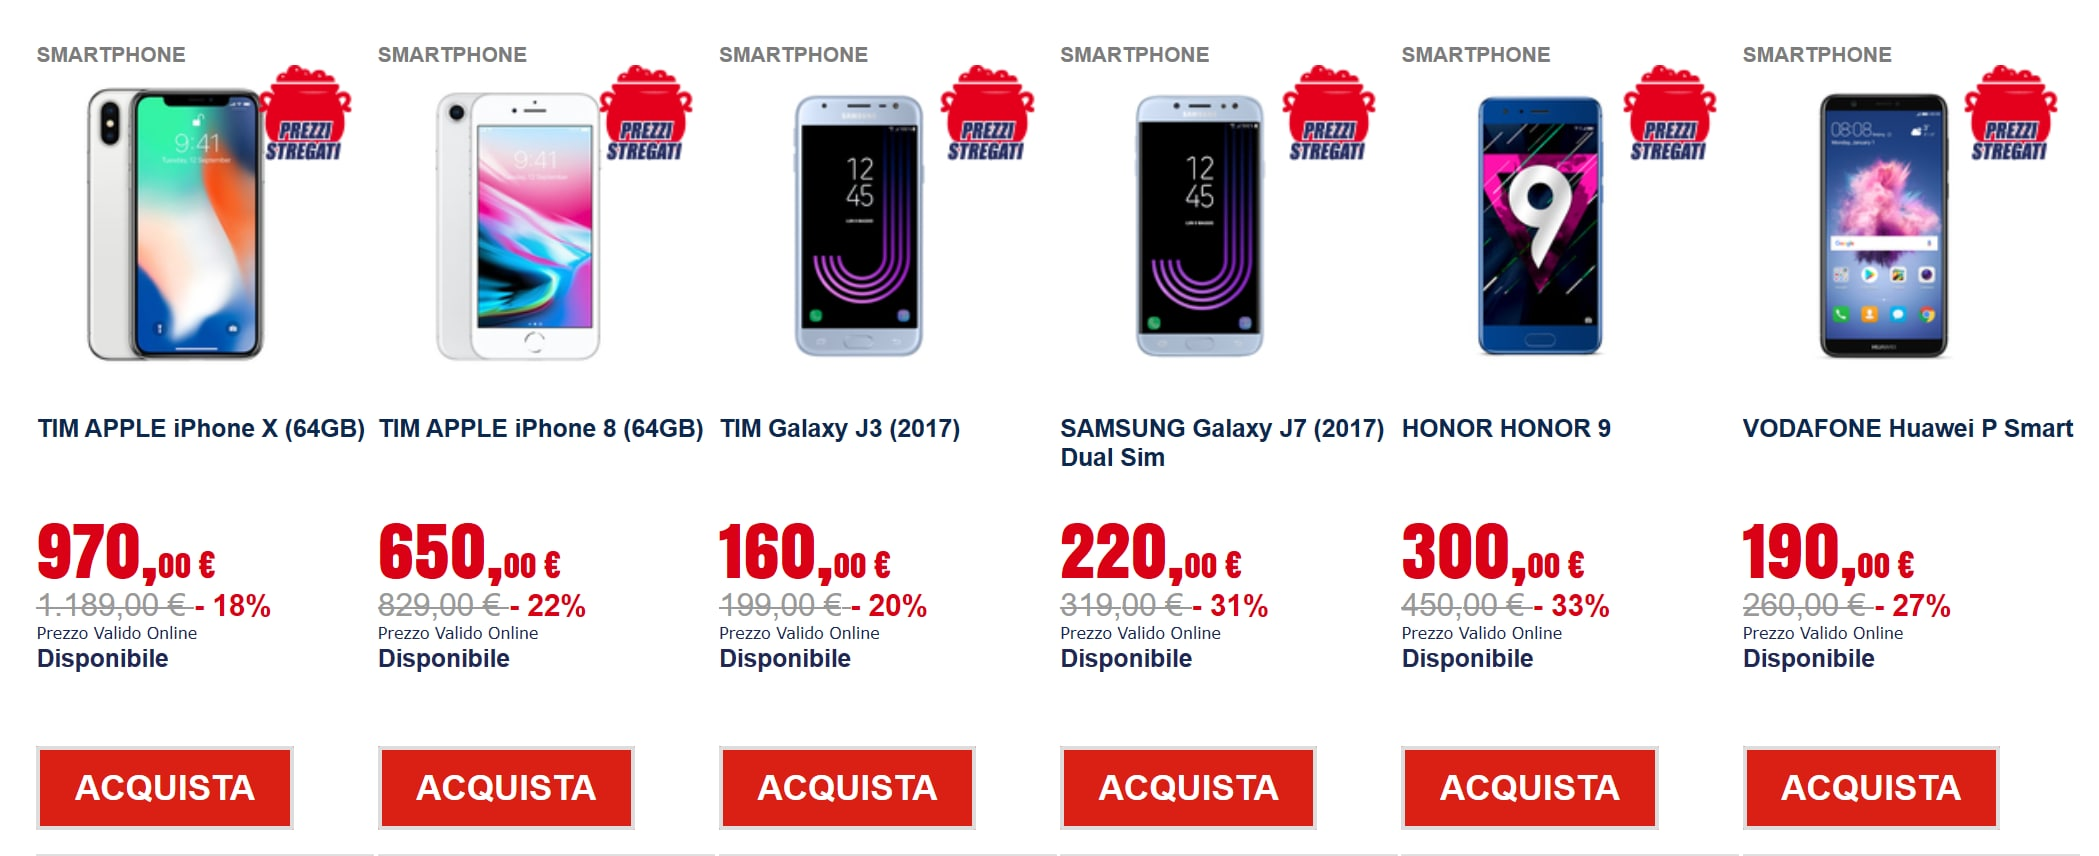 trony prezzi tappeto novembre 2018 smartphone (2)